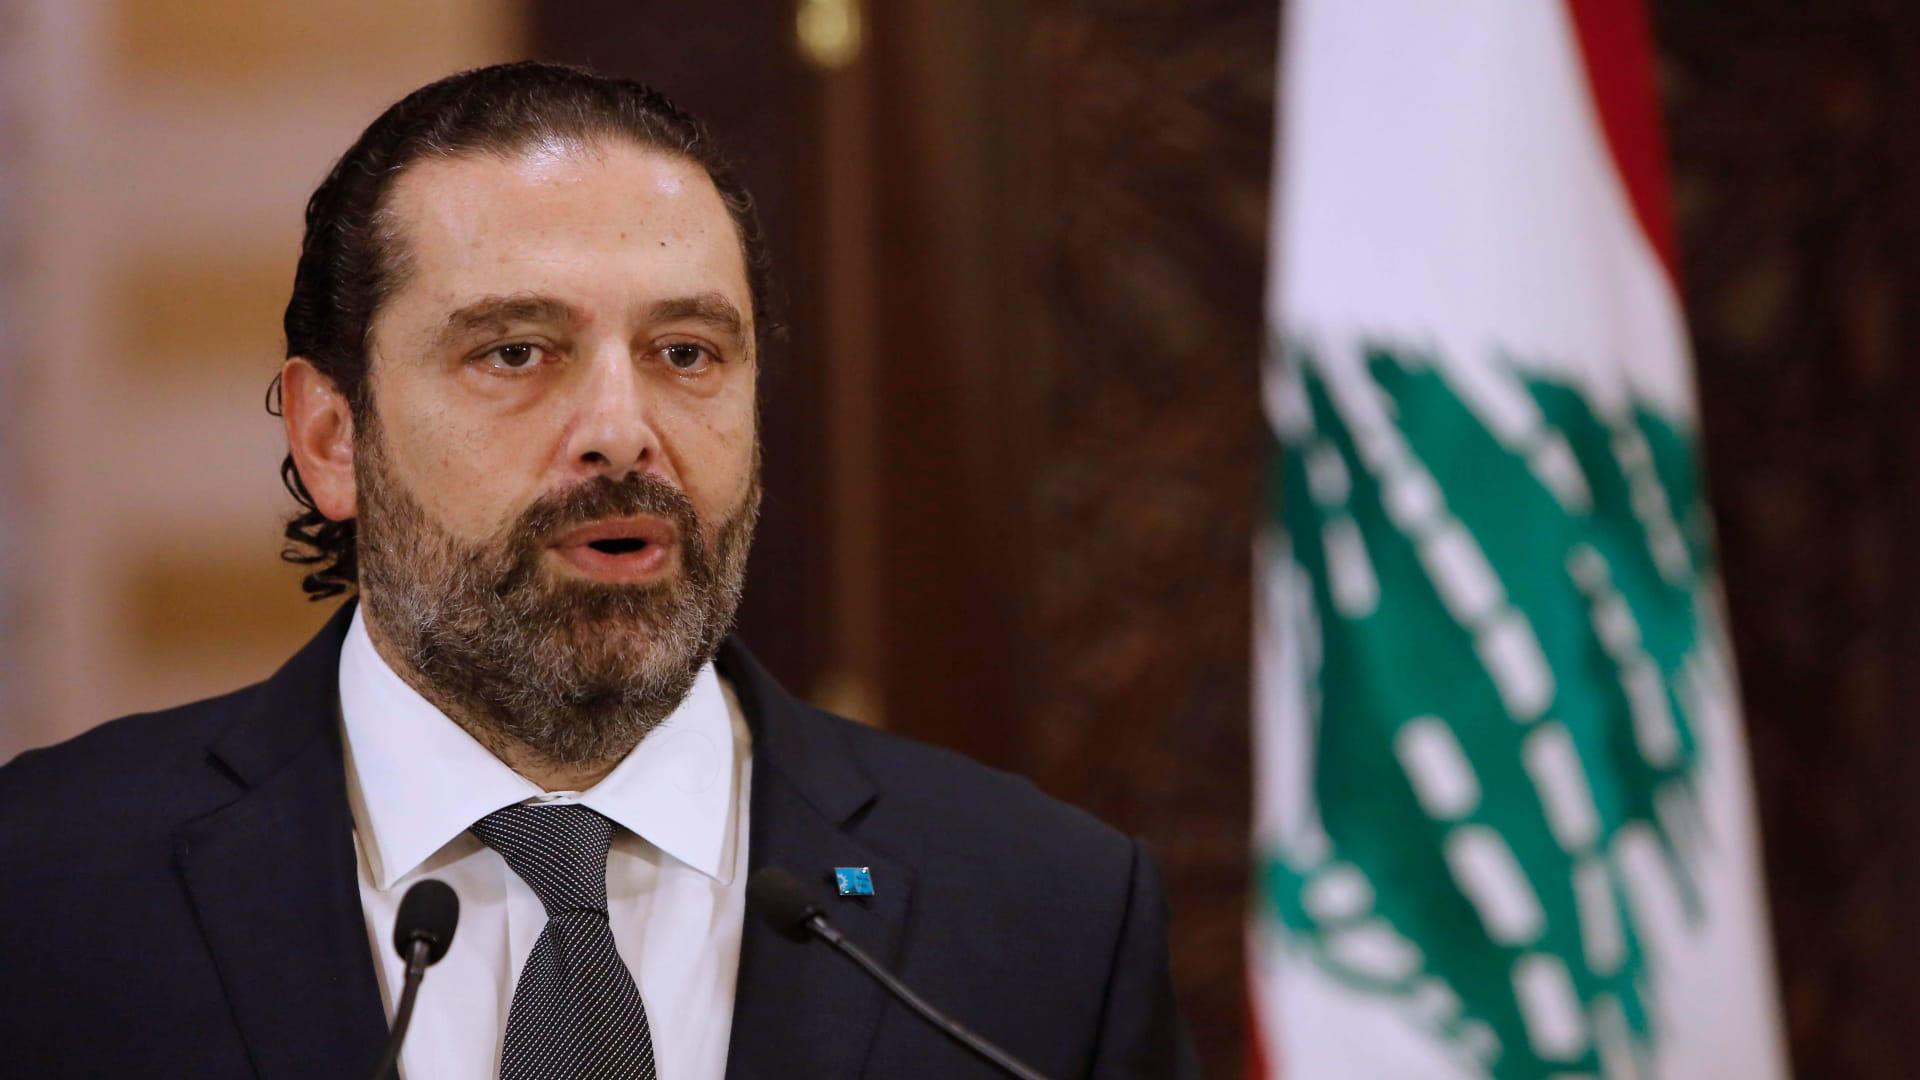 الحريري يرد على عون بنفس الأسلوب: سأزروك للمرة الـ17 من أجل الموافقة على تأليف الحكومة